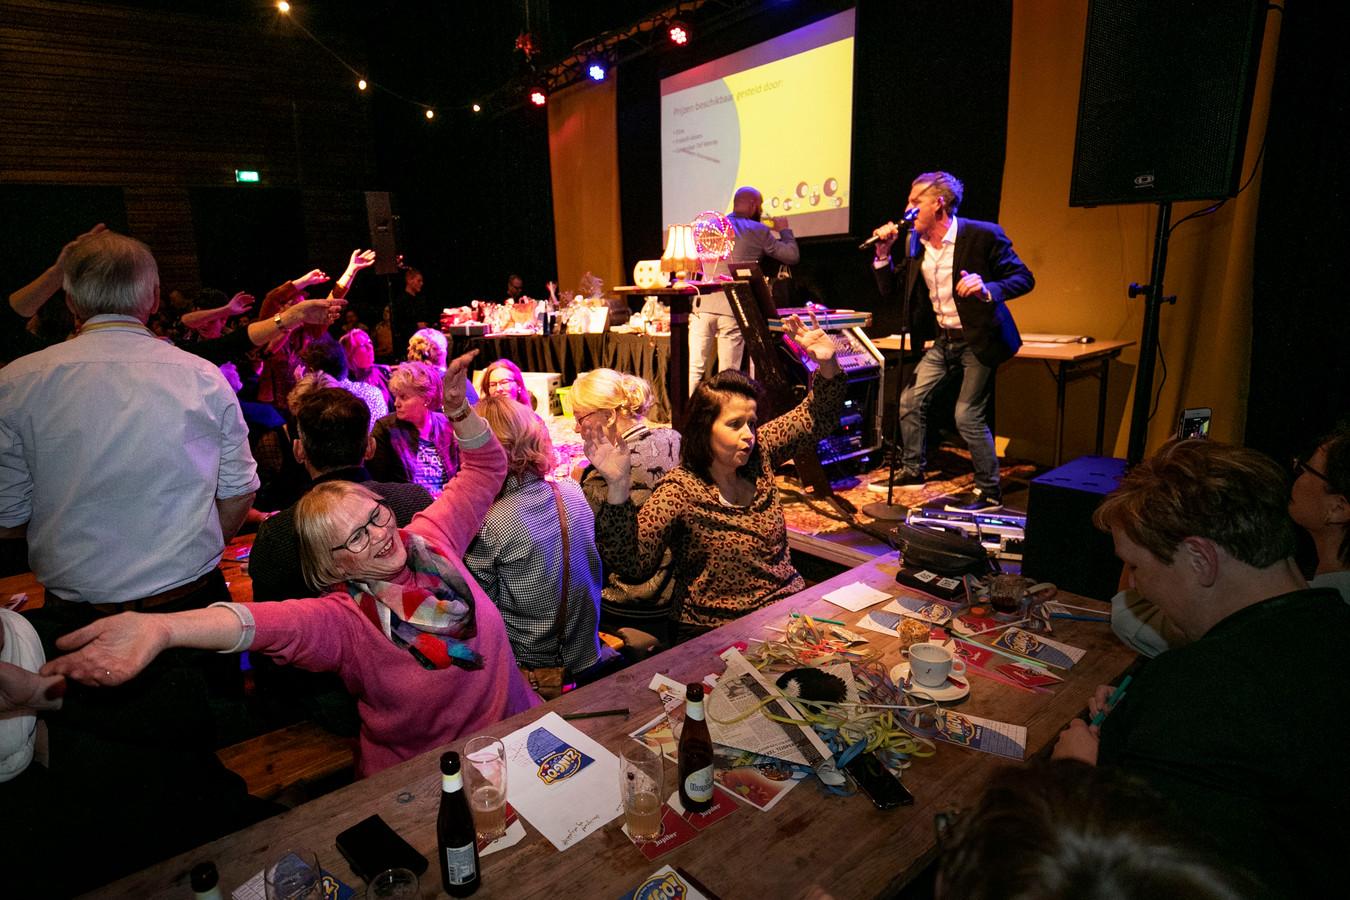 Zingo, een gezellige avond voor jong en oud, aan (en óp) lange tafels en banken